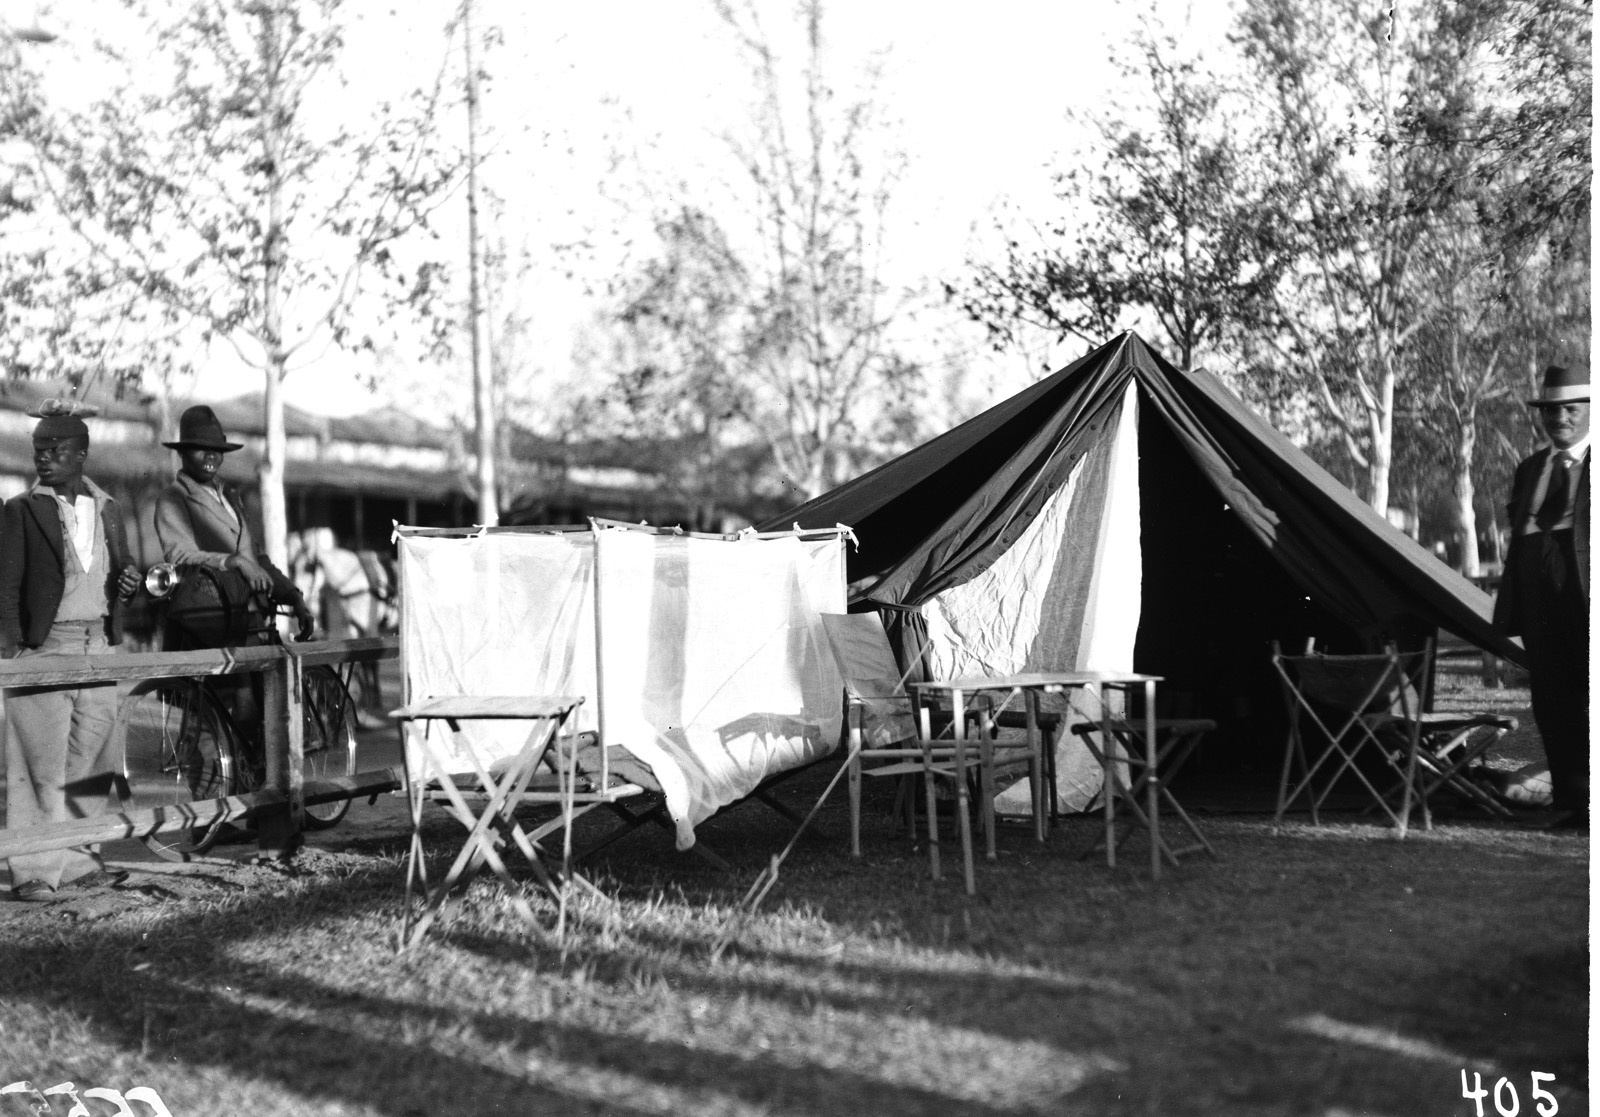 Претория. Палатка прессы. Демонстрация оборудования